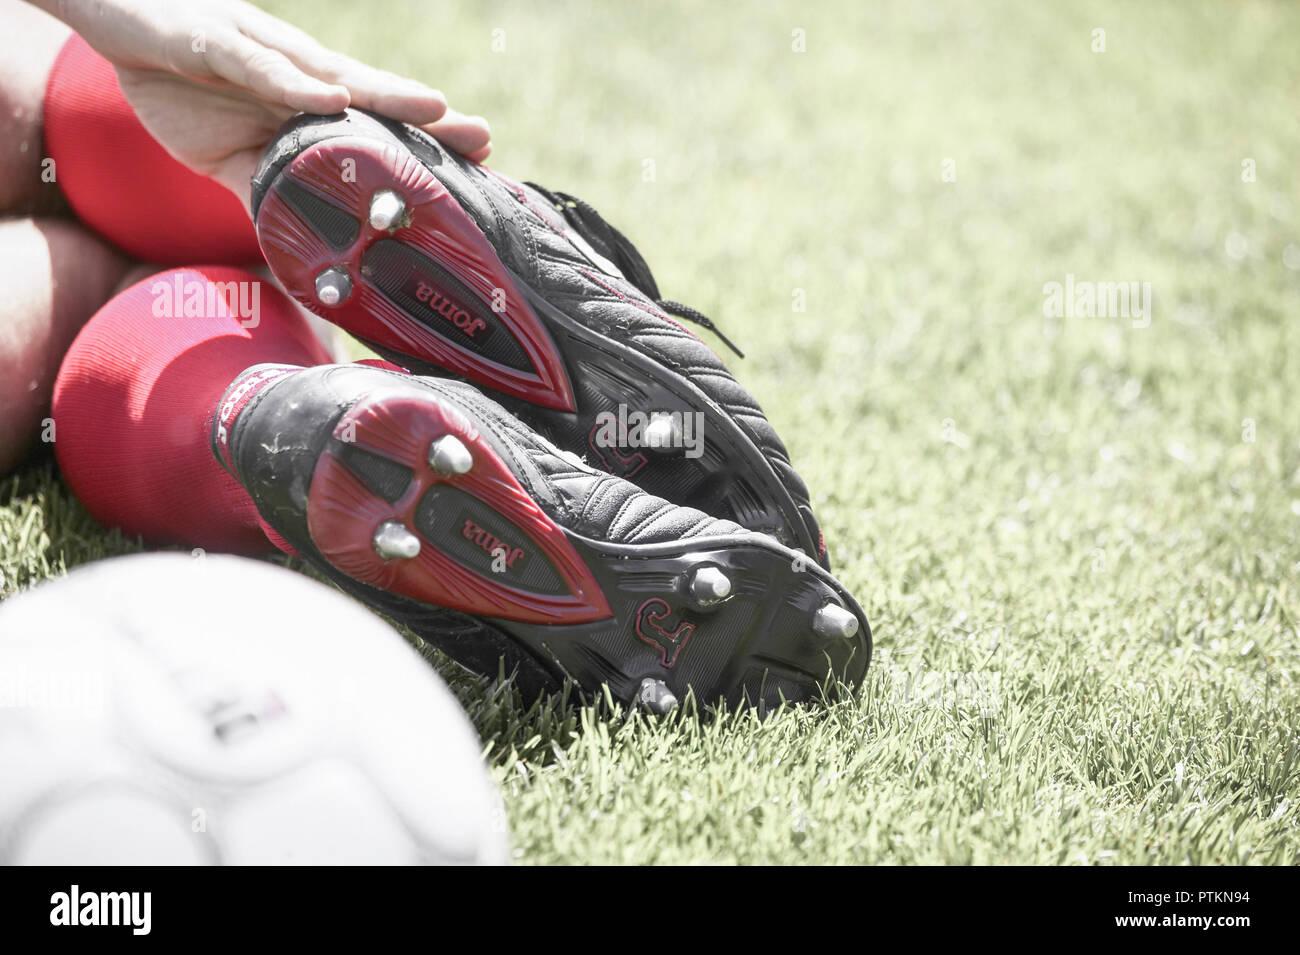 Fussballspieler Detail Mann Sportler Sportlich Sport Fu?ball Fussball Fussballer Fussballspiel Fussballspielen Beine Ballsport Ball Freizeit Aktivitae - Stock Image